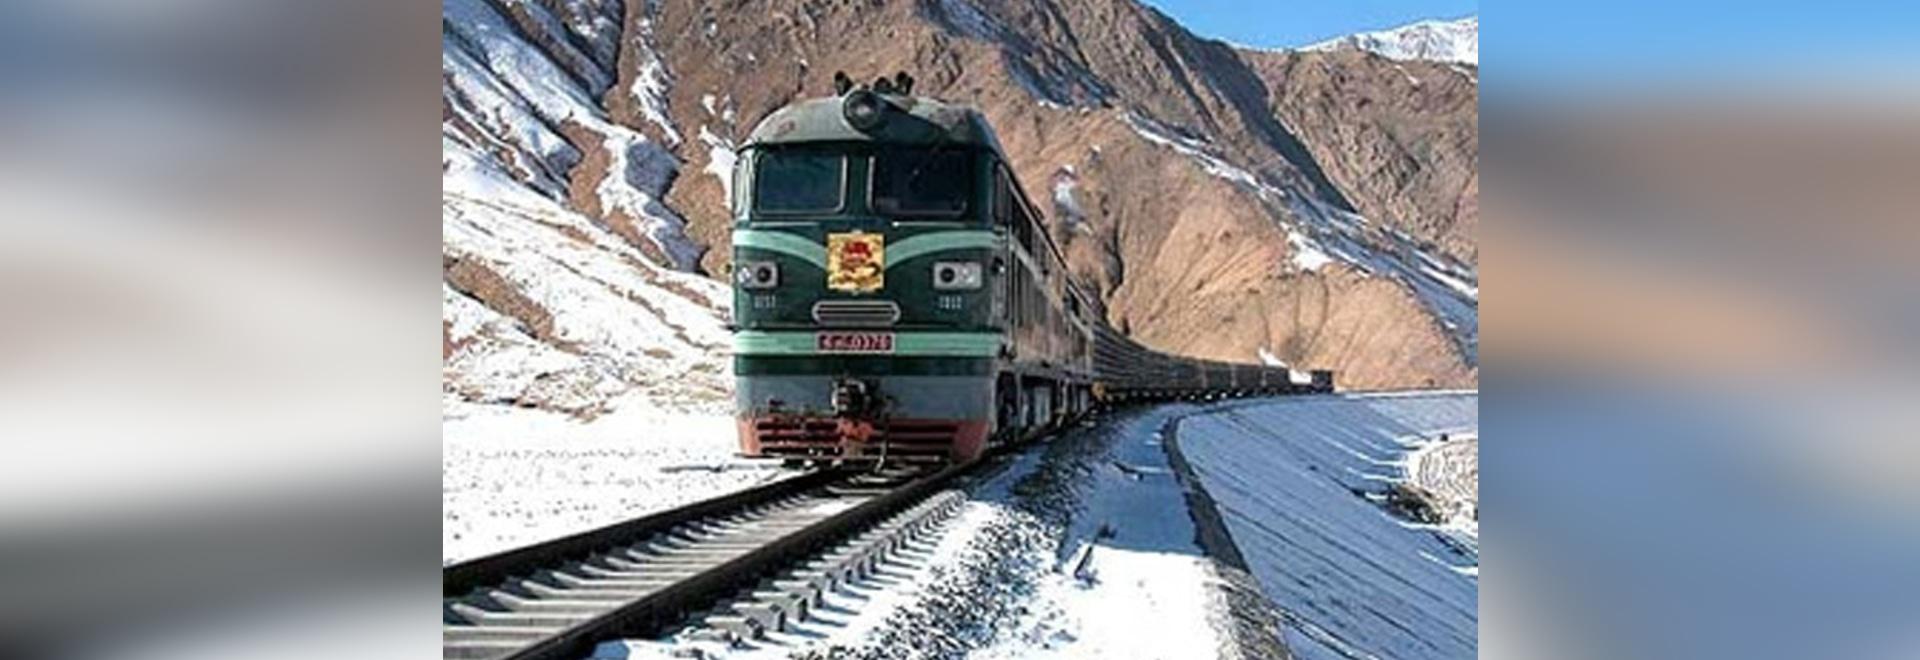 Tibet-Eisenbahn mit Goorui-Gebläse